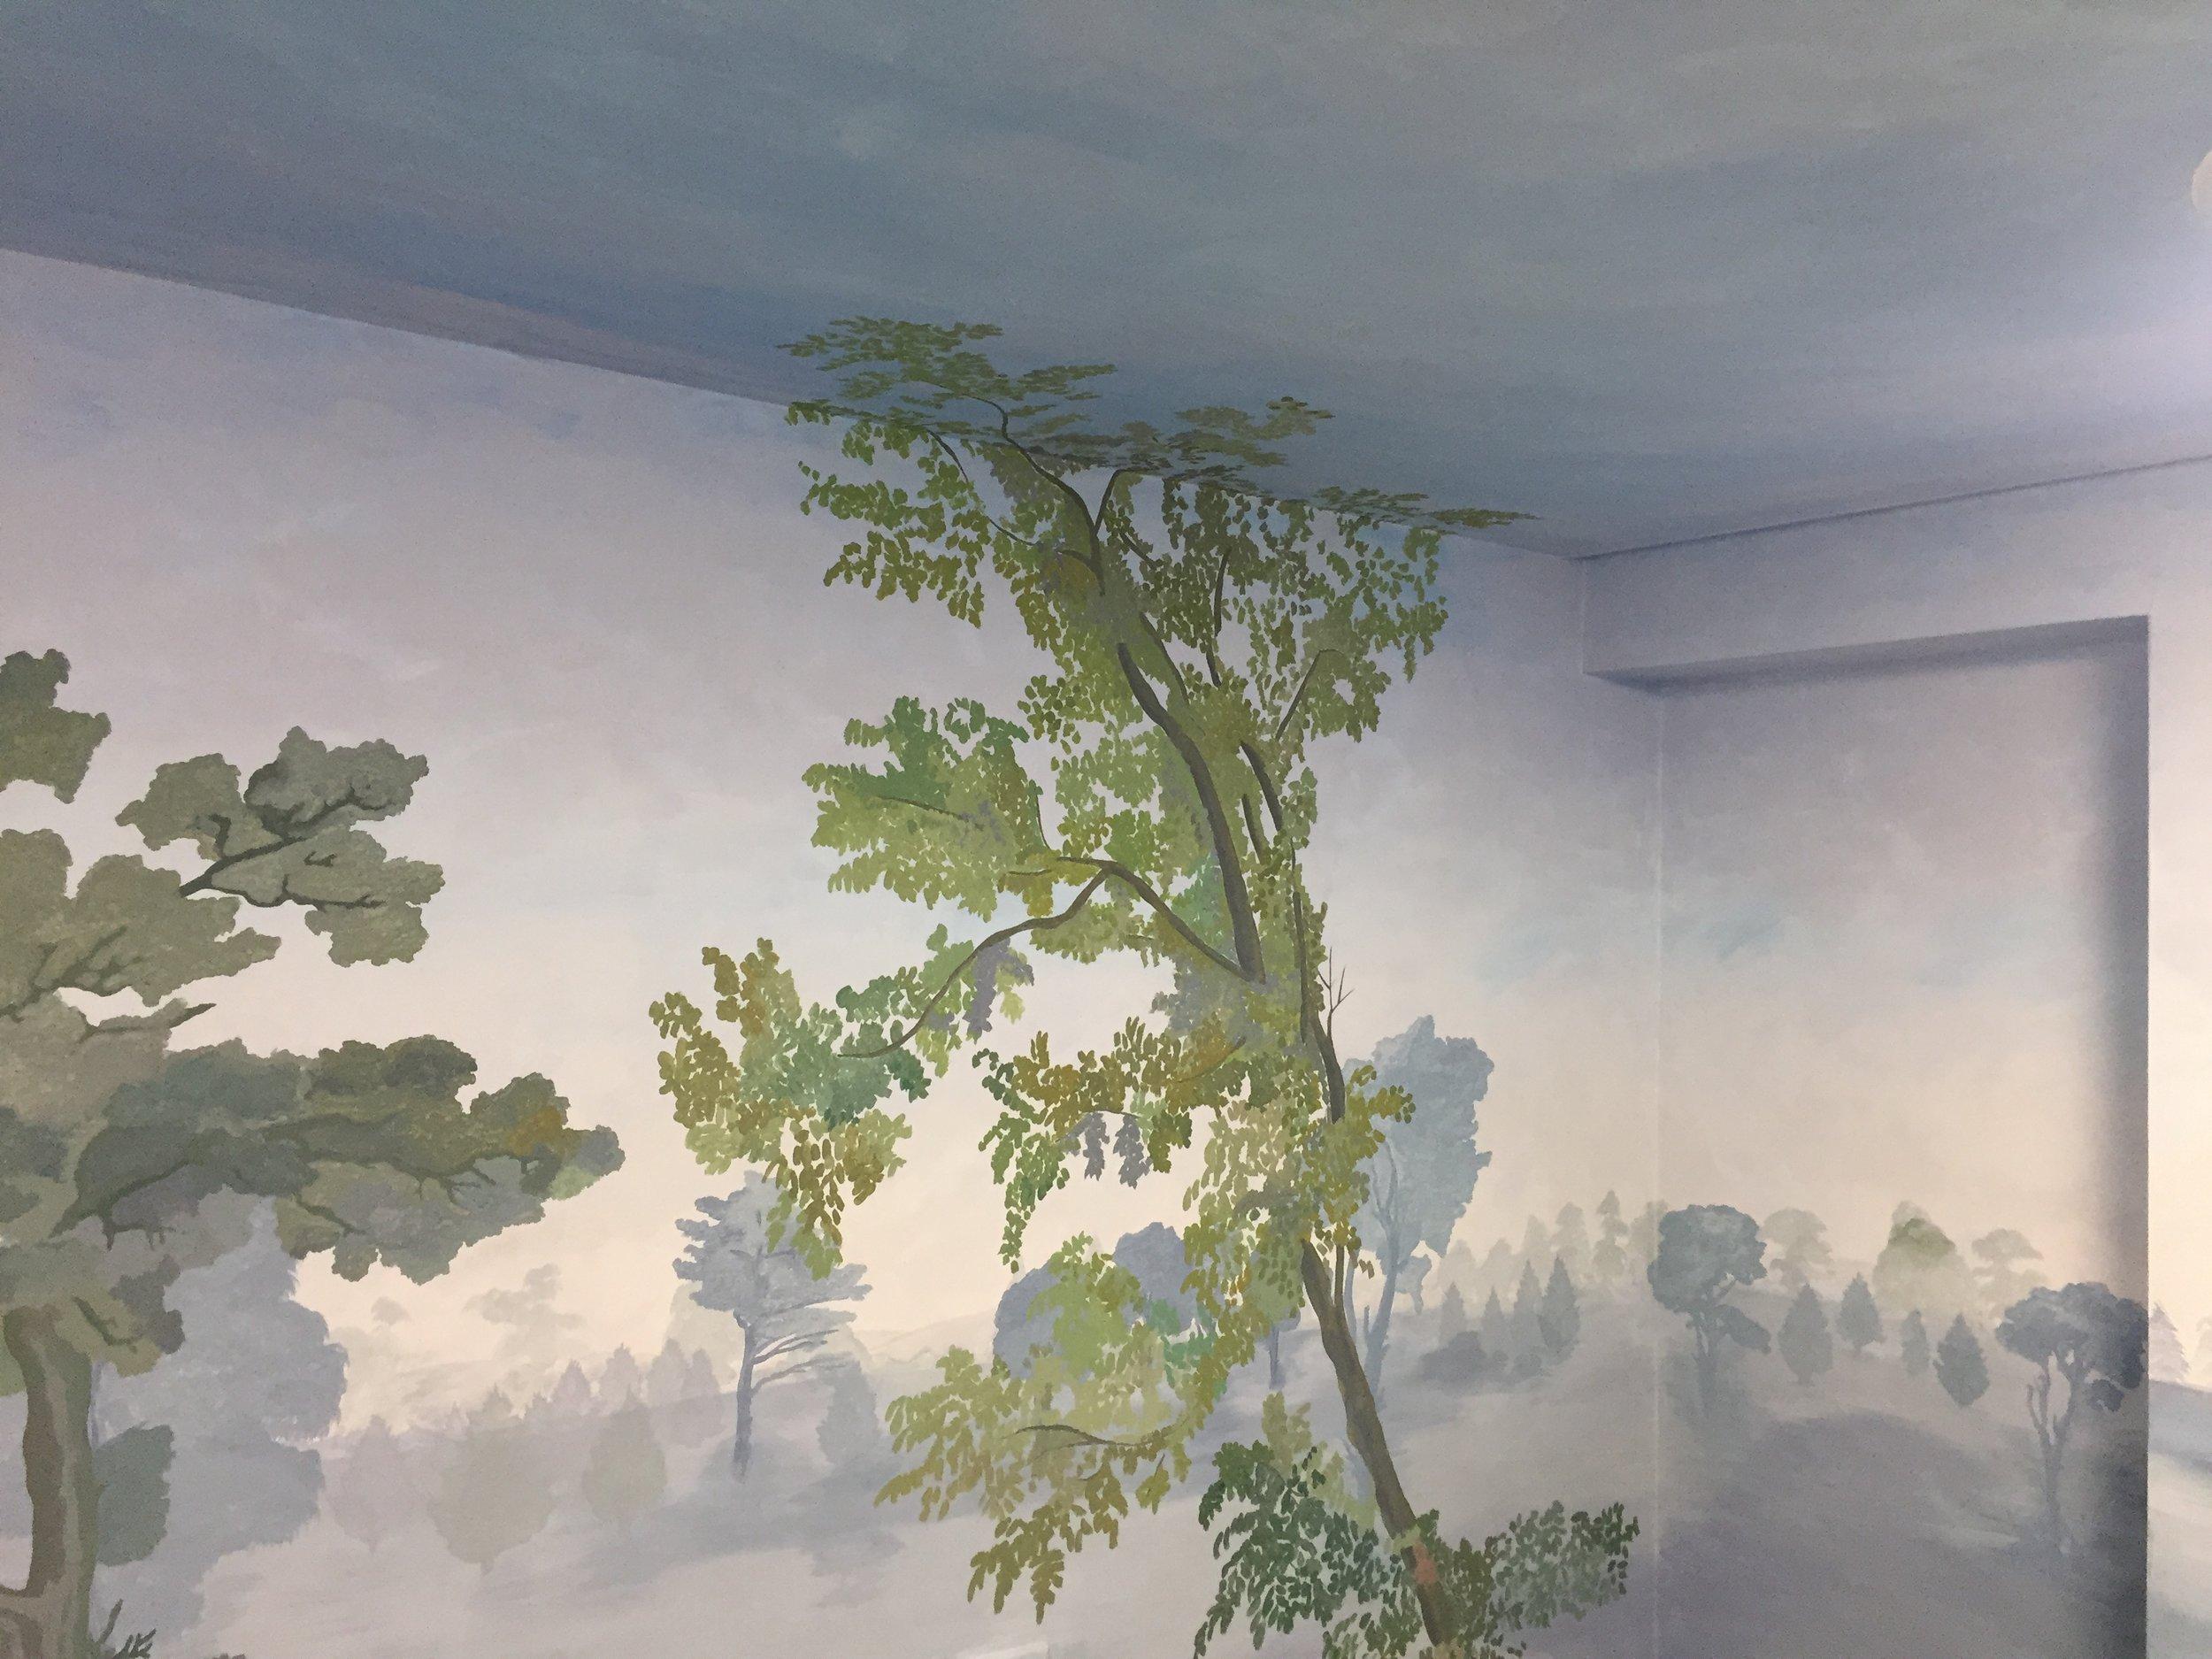 12 Aimee_Mullins_Sitting_Area_ES1_Courtesy_of_Hospital_Rooms_1.jpg